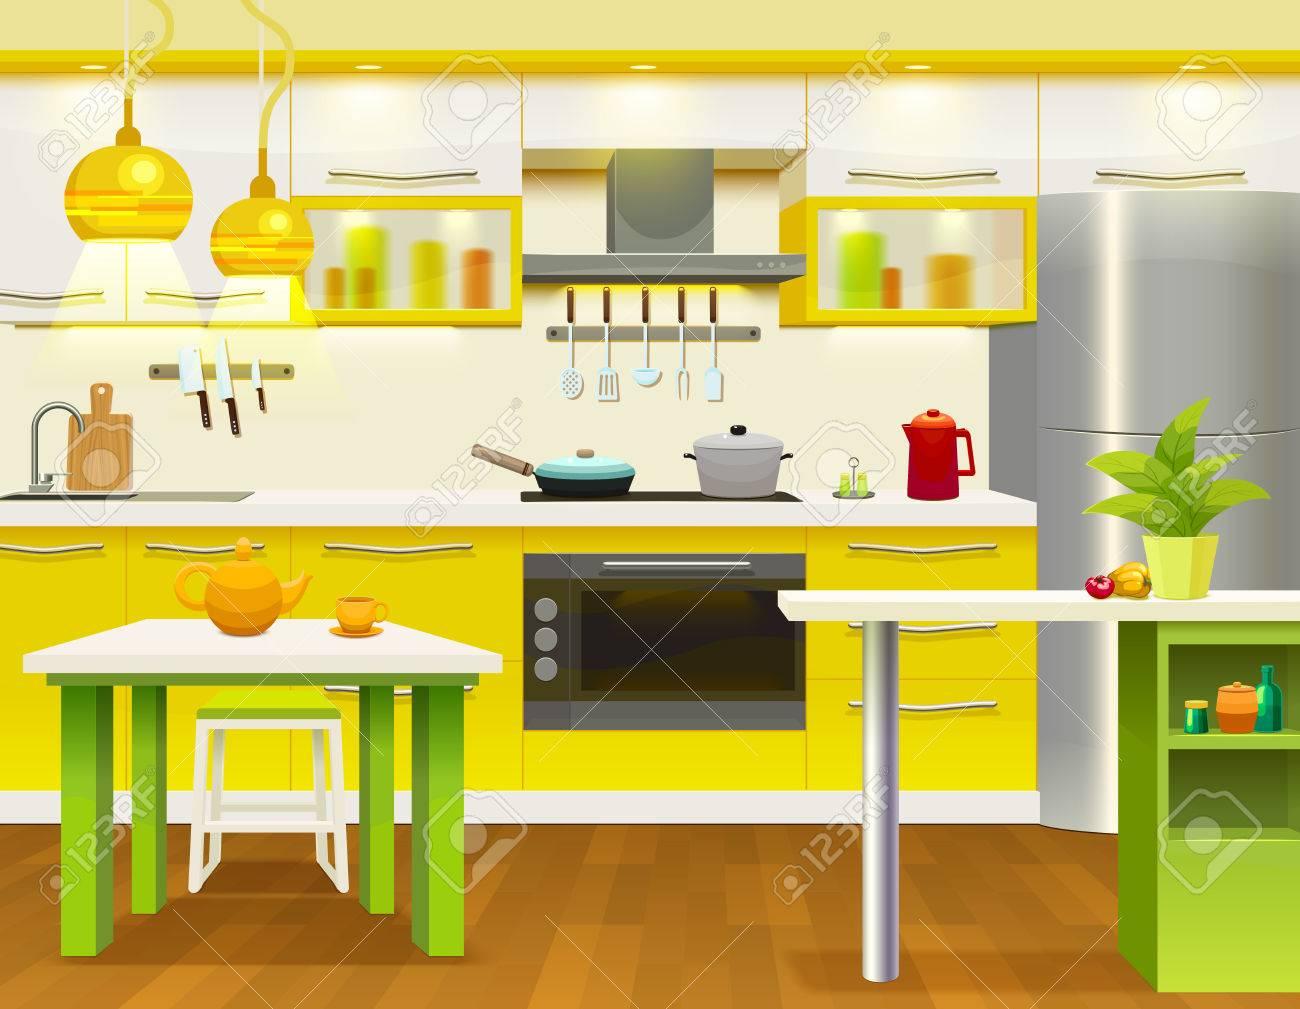 Color Moderno Diseño Interior De La Cocina Con Muebles De Cocina ...